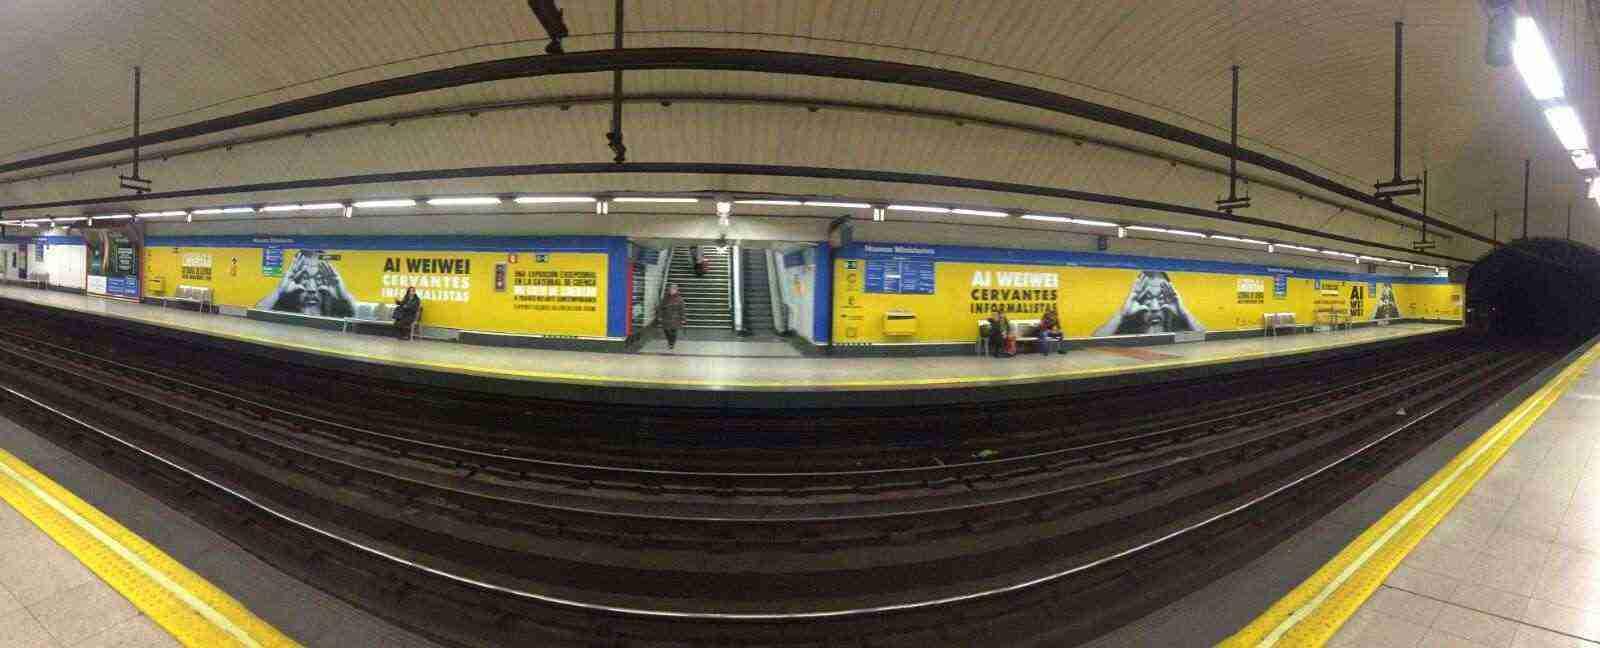 la-poetica-de-la-libertad-en-metro-madrid-2